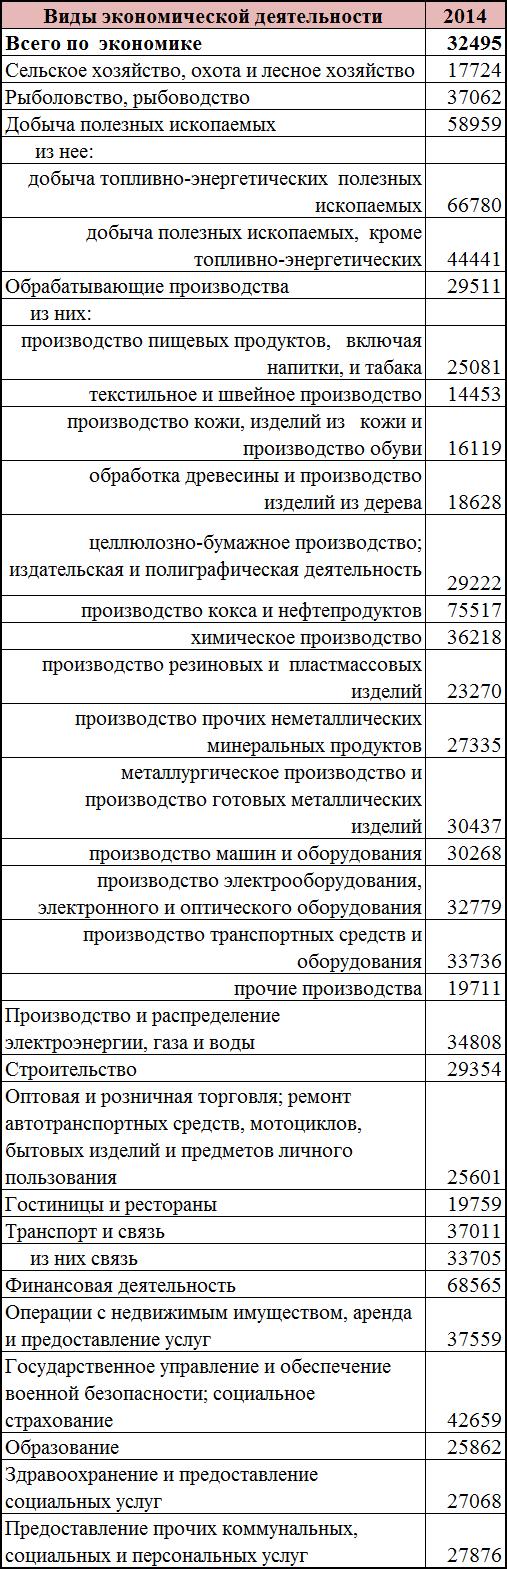 Средняя зарплата в России 2016